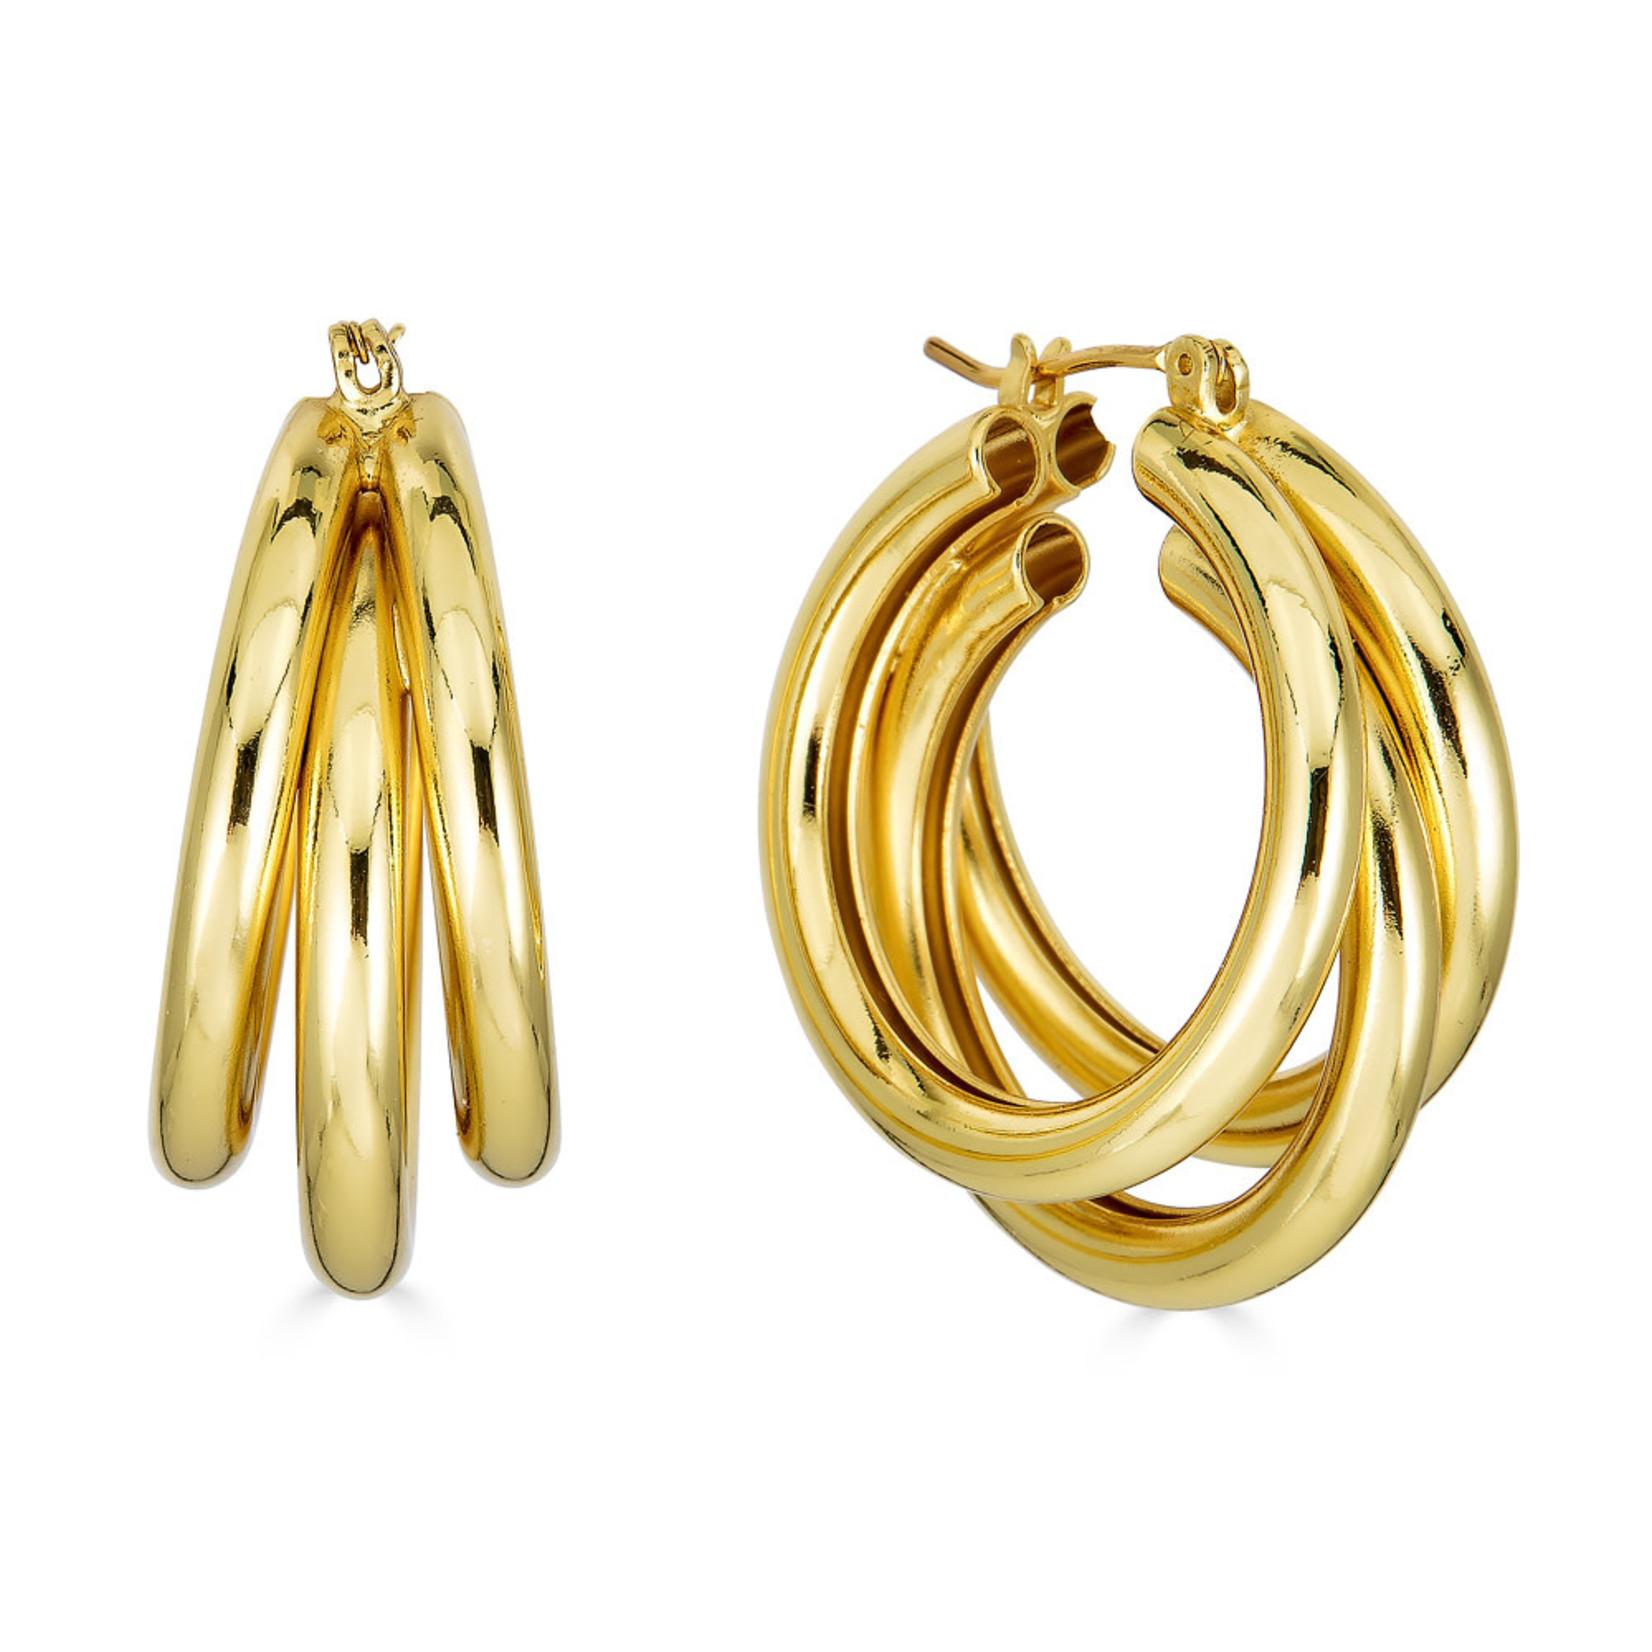 Rendor Ren Earrings